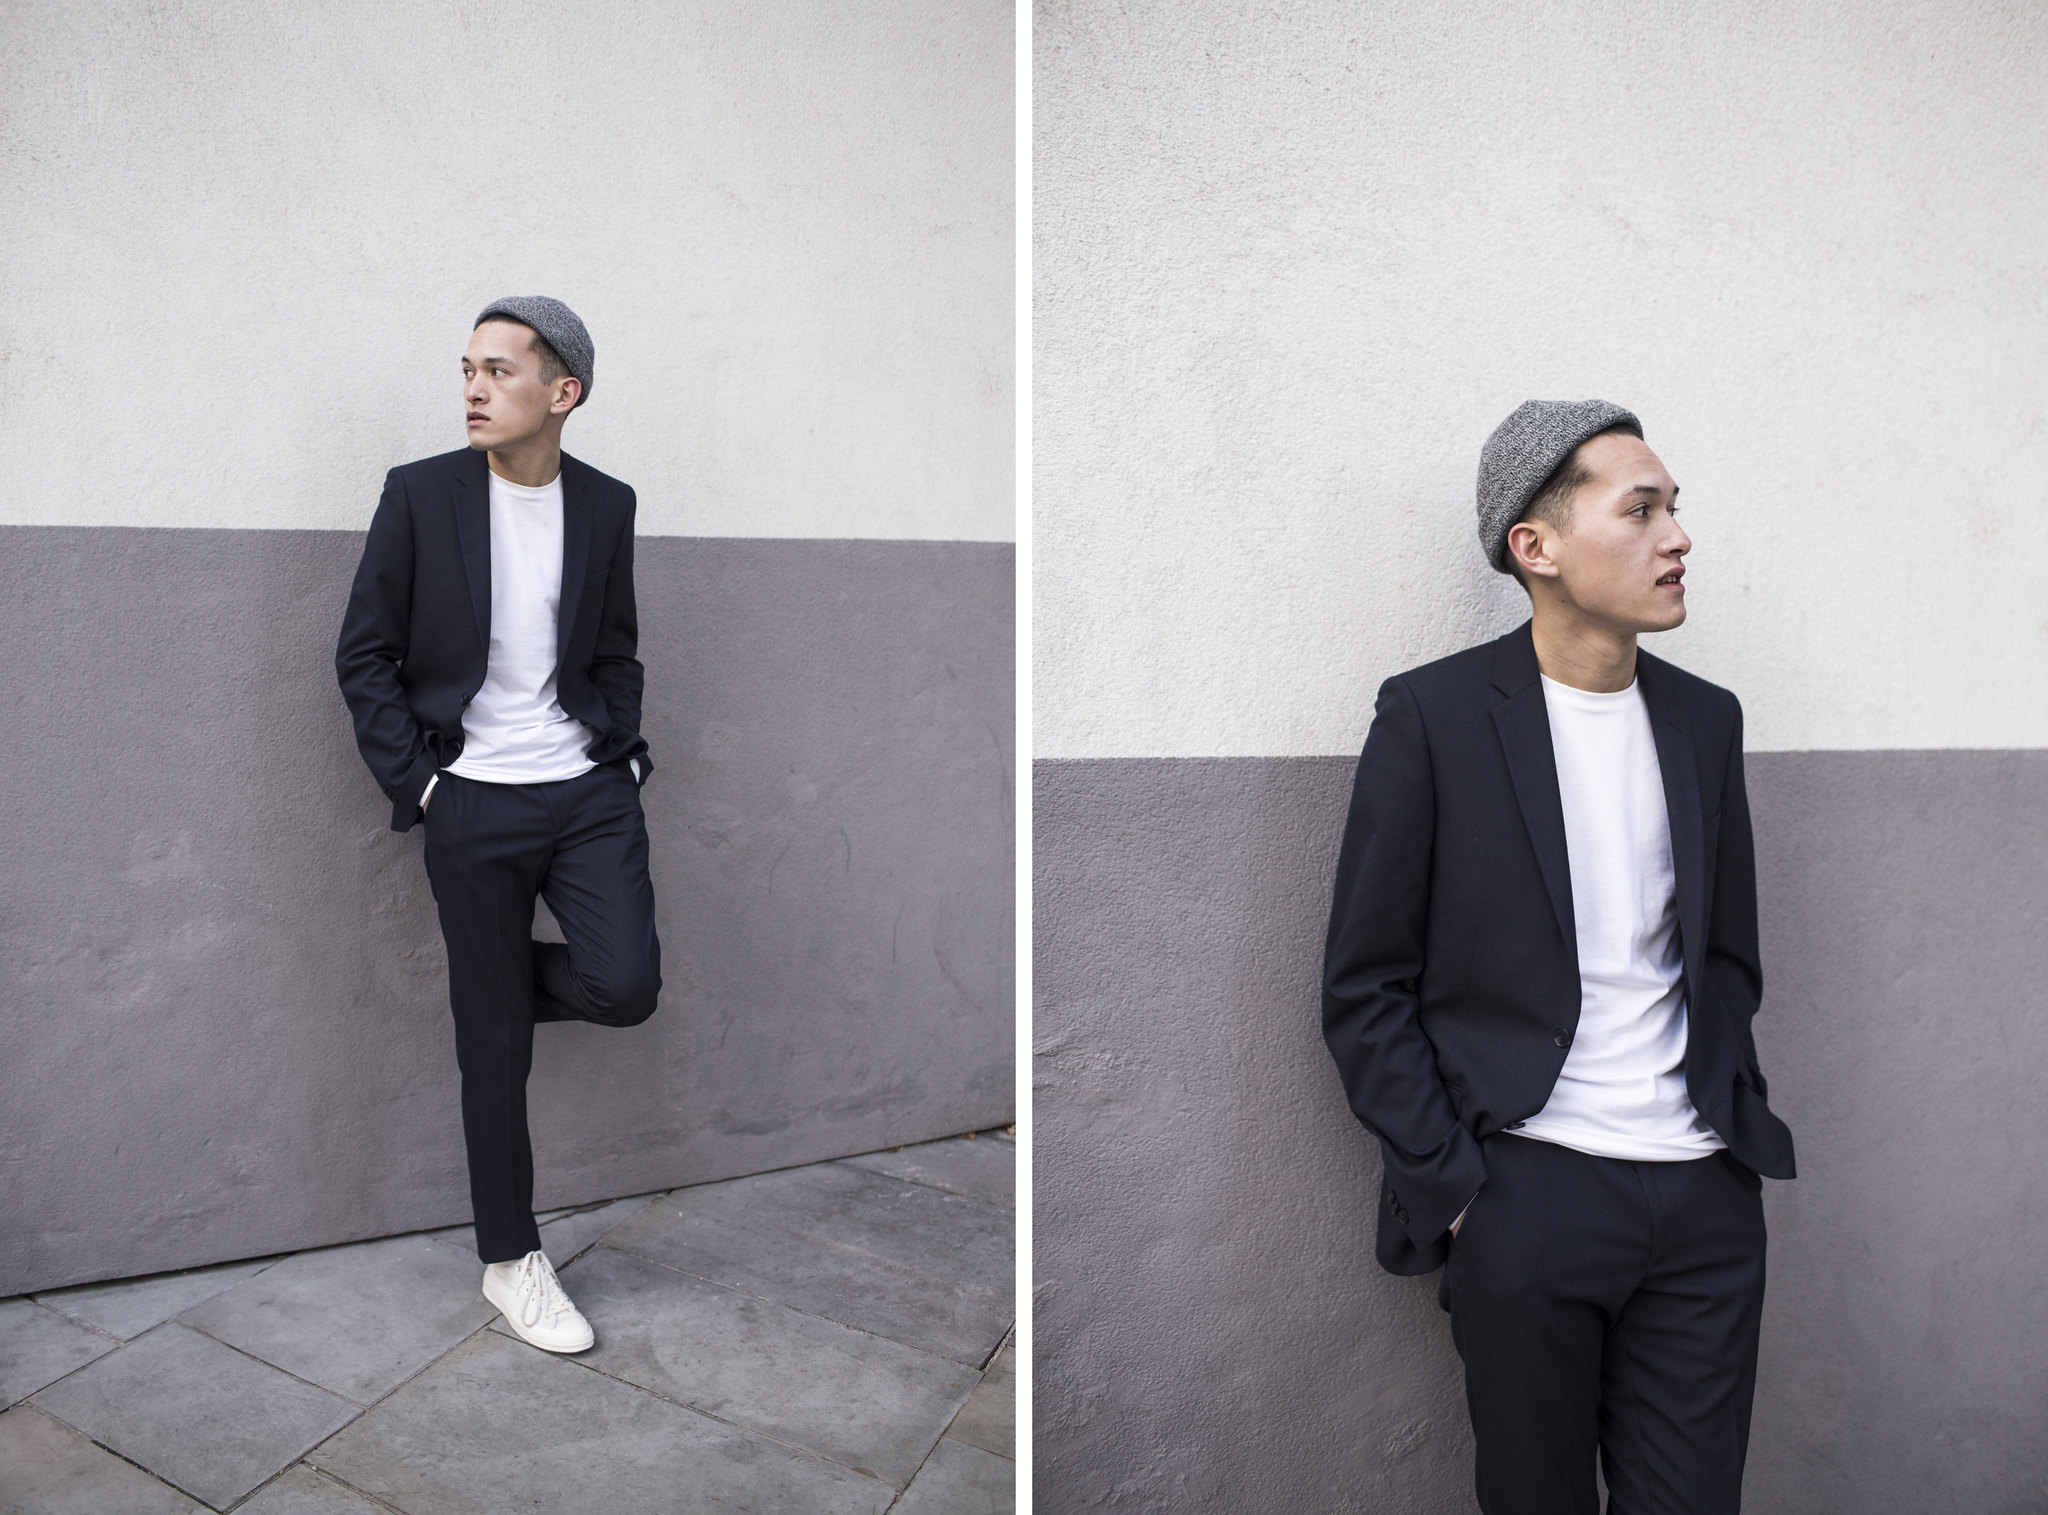 Jordan_Bunker_new_look_8